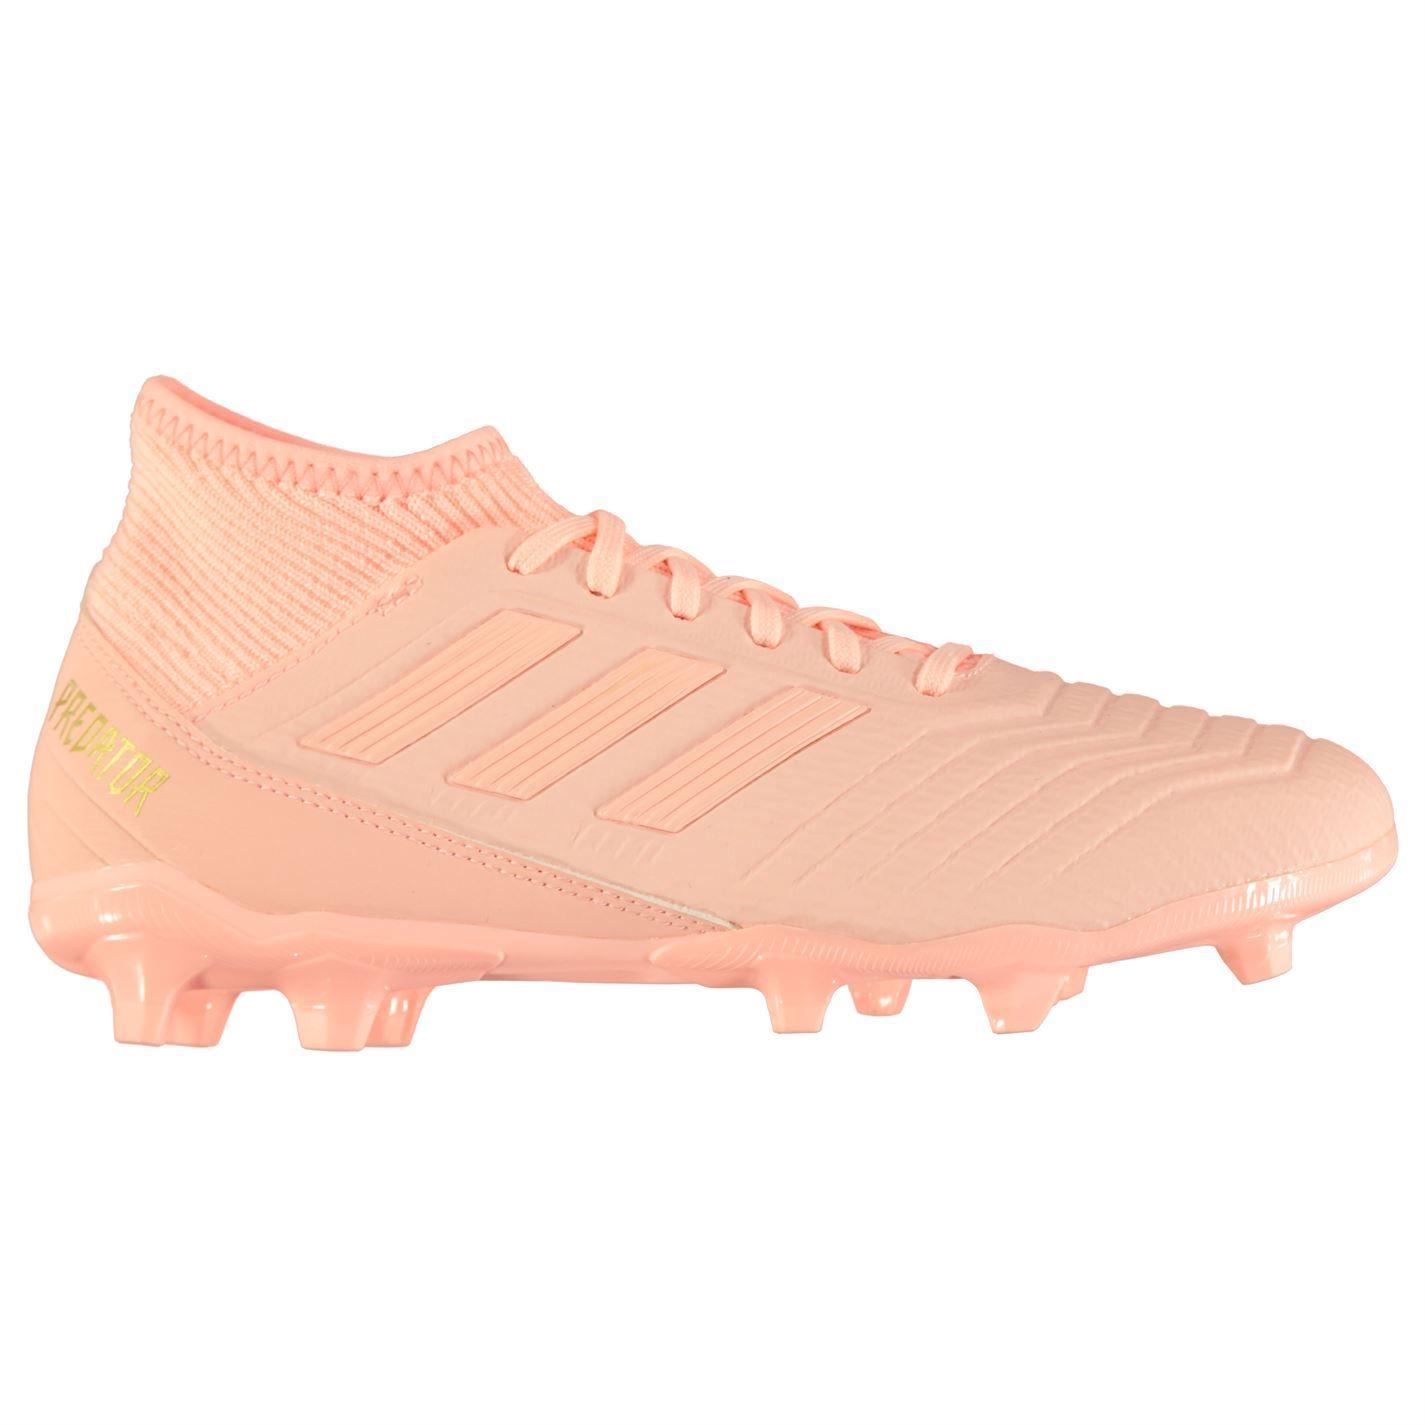 encontrar el precio más bajo encanto de costo más nuevo mejor calificado Adidas Predator 18.3 Fg Terra Firme botas de Futebol Chuteiras de ...